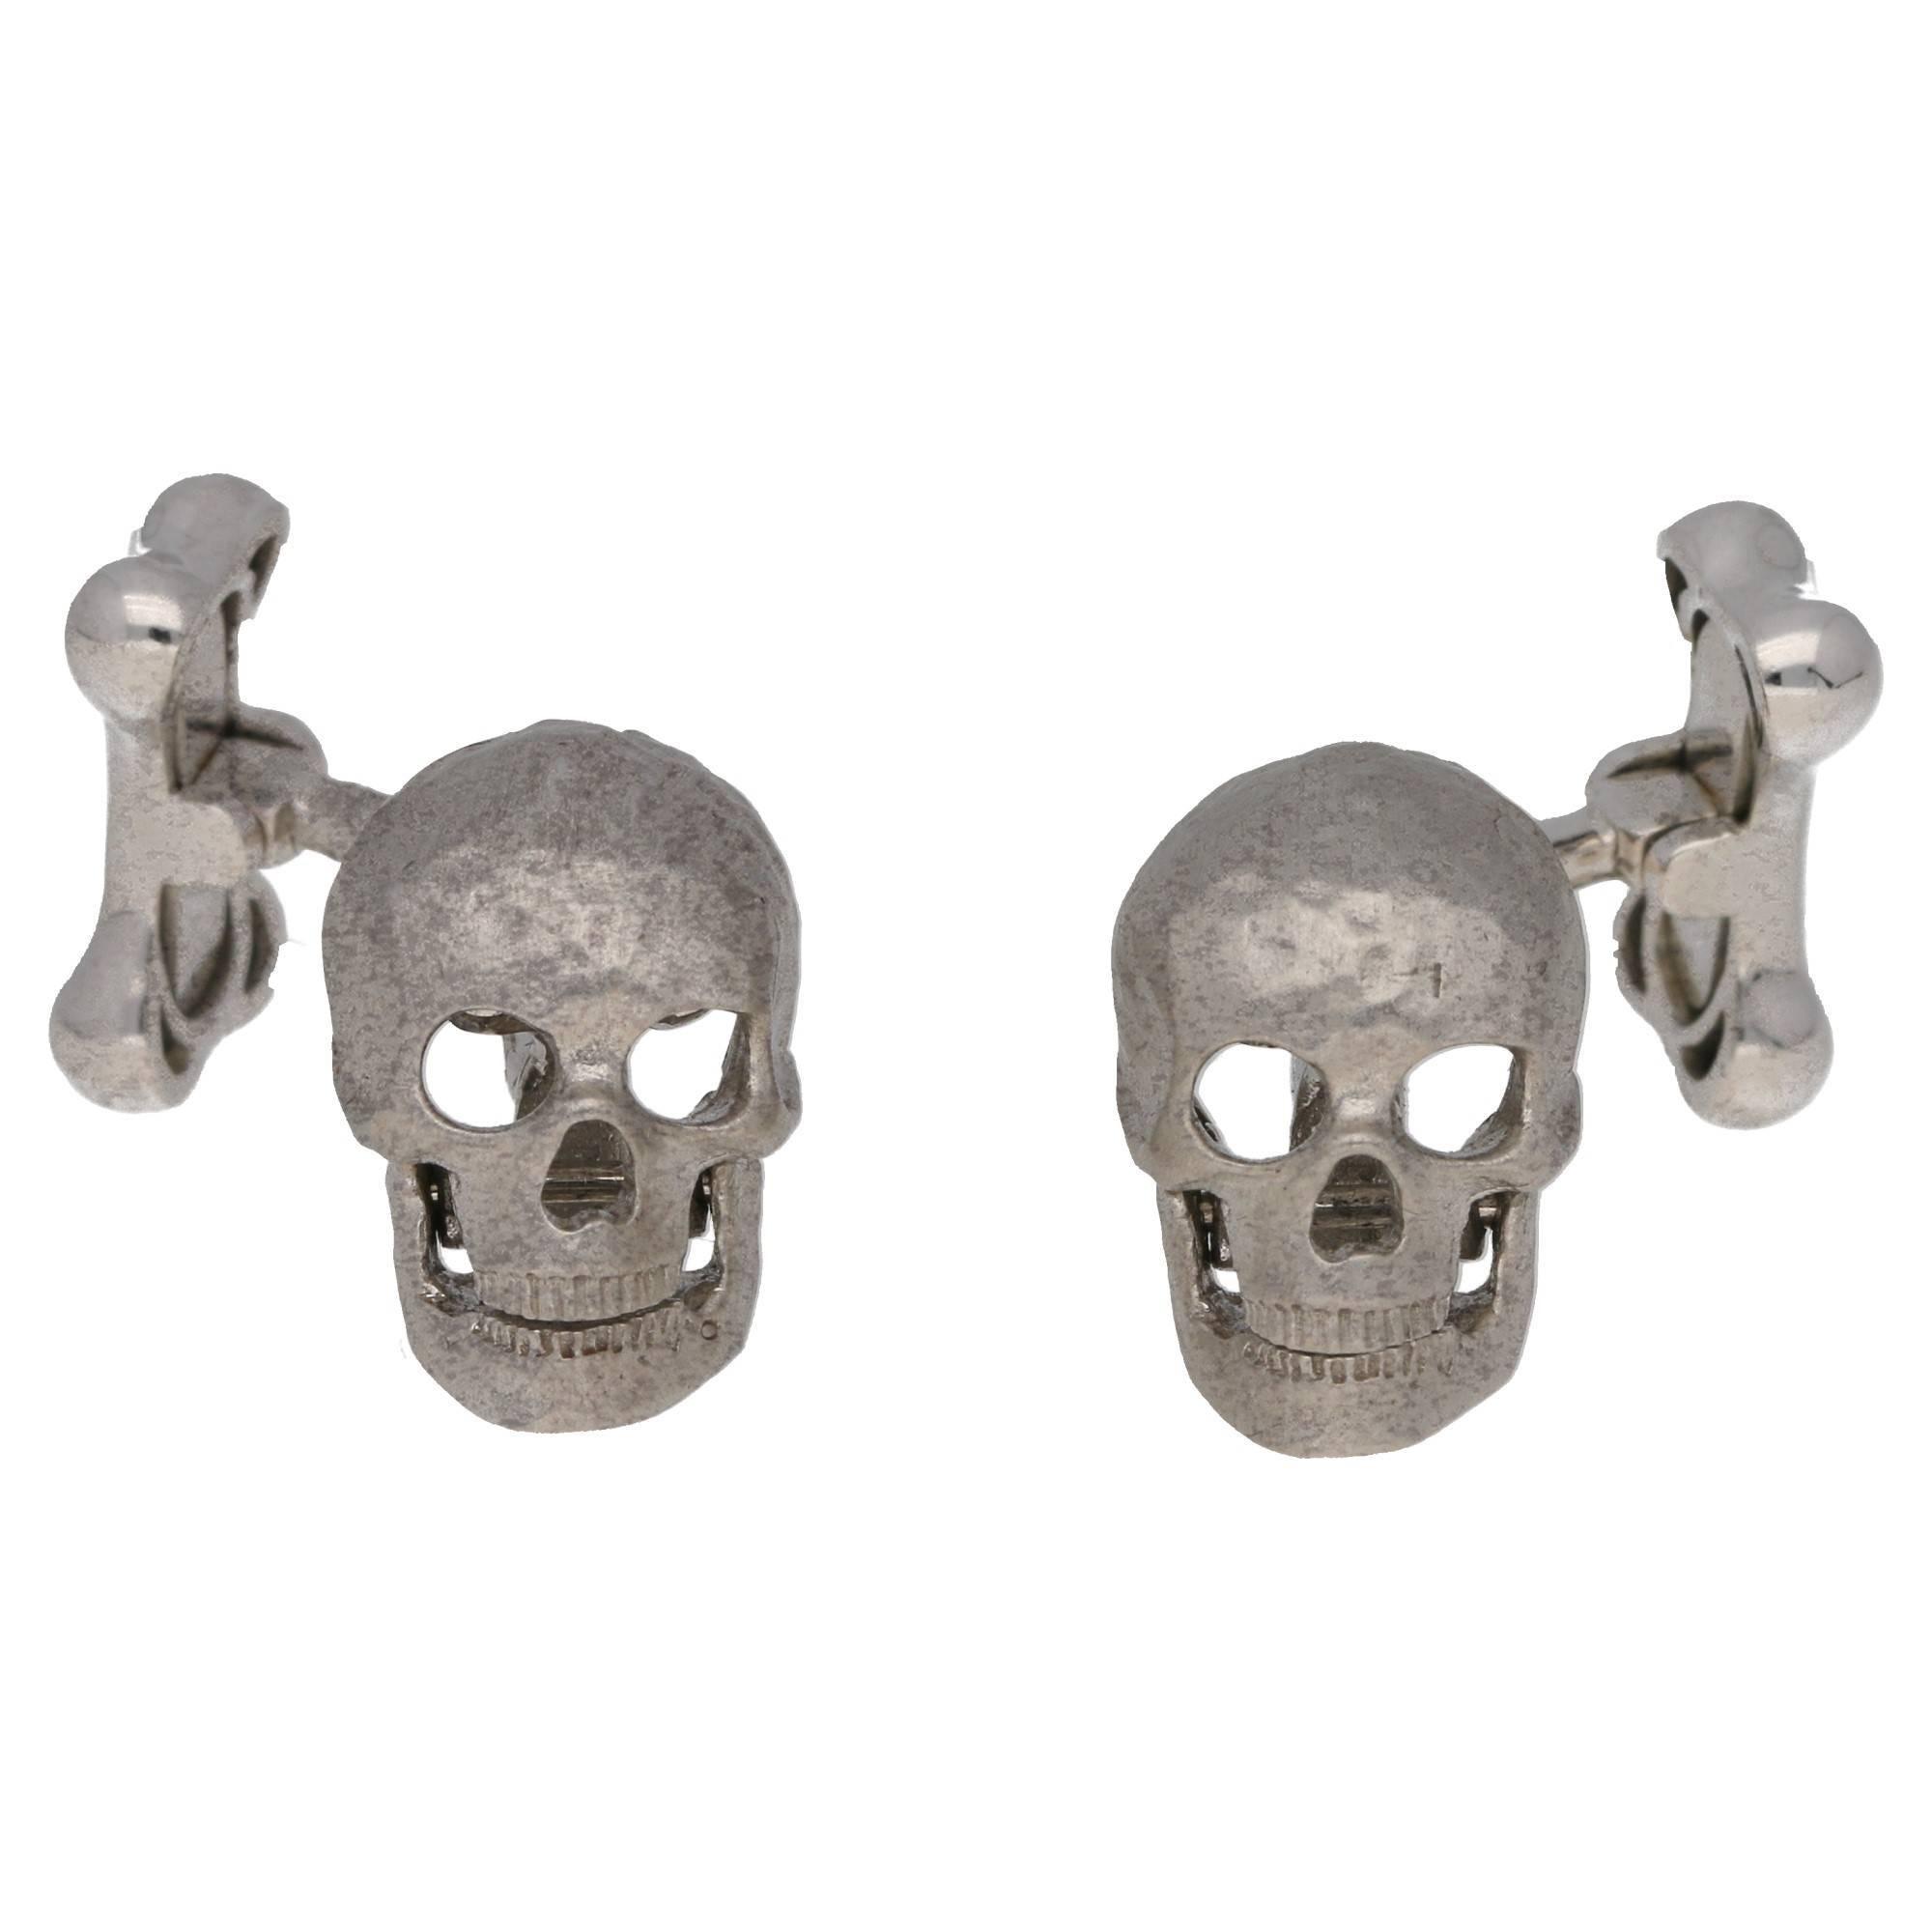 Skull Bone Cufflinks in 18 Karat White Gold